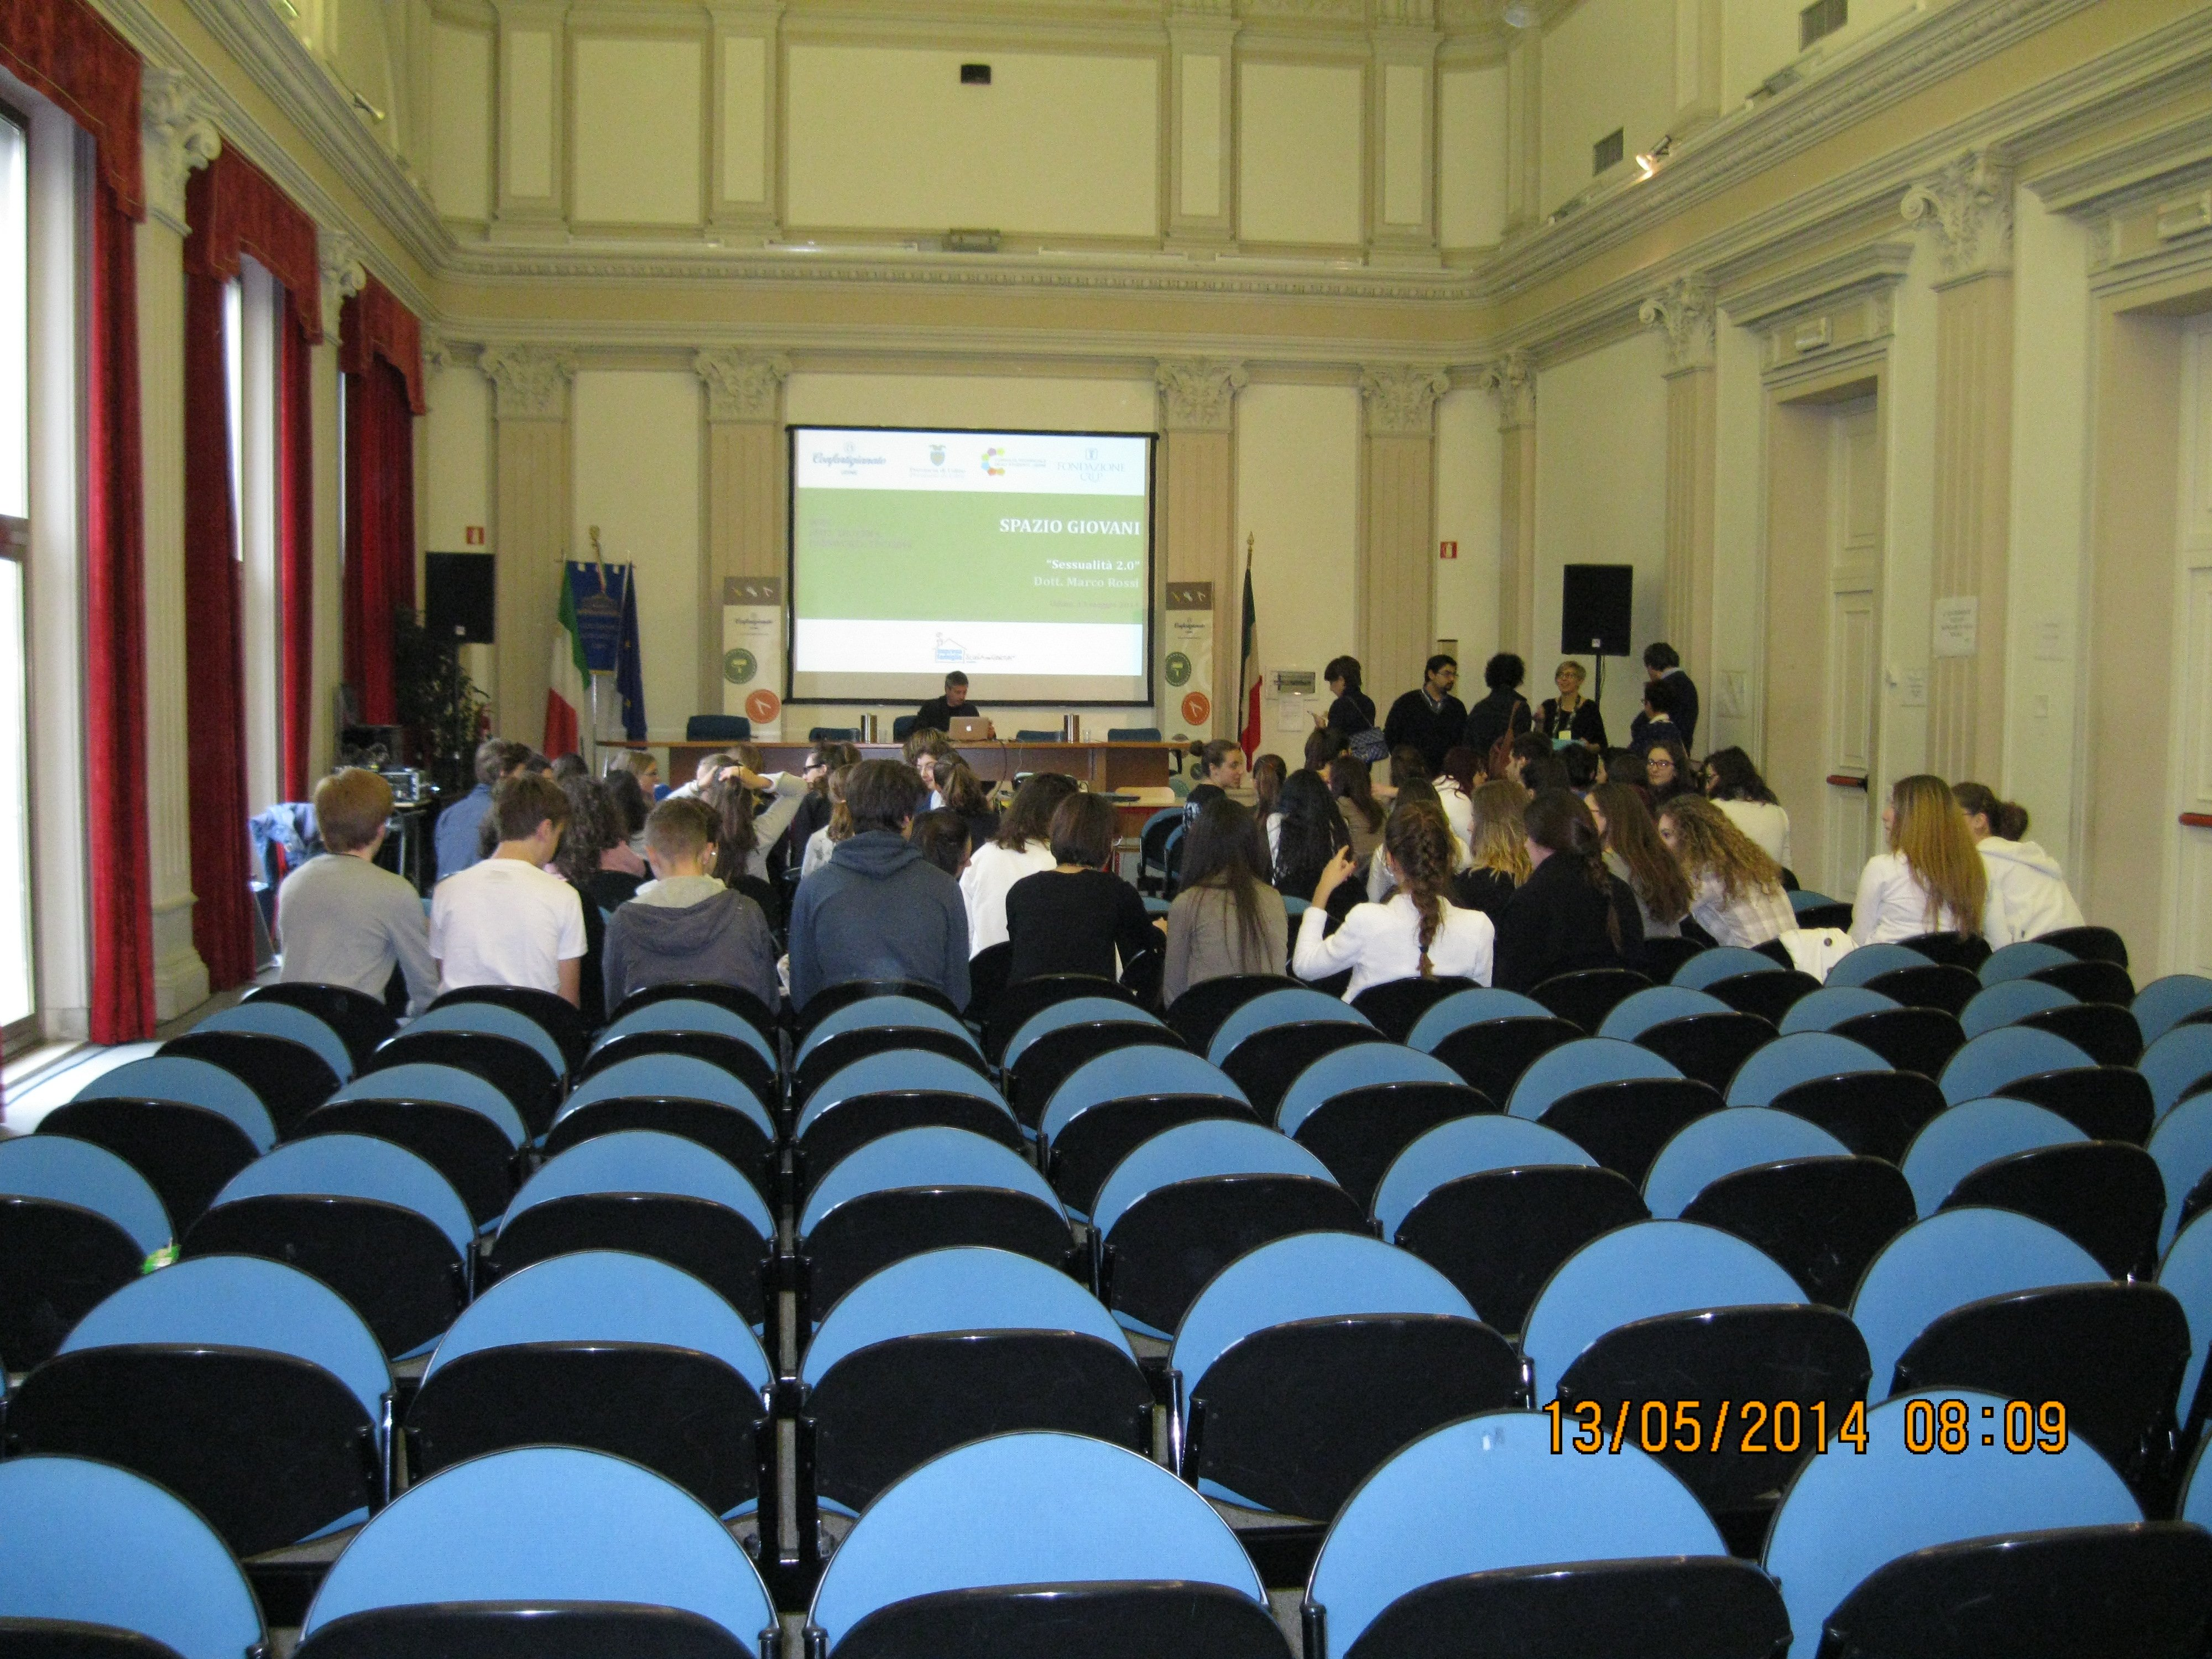 poltrone azzure in primo piano durante una conferenza internazionale